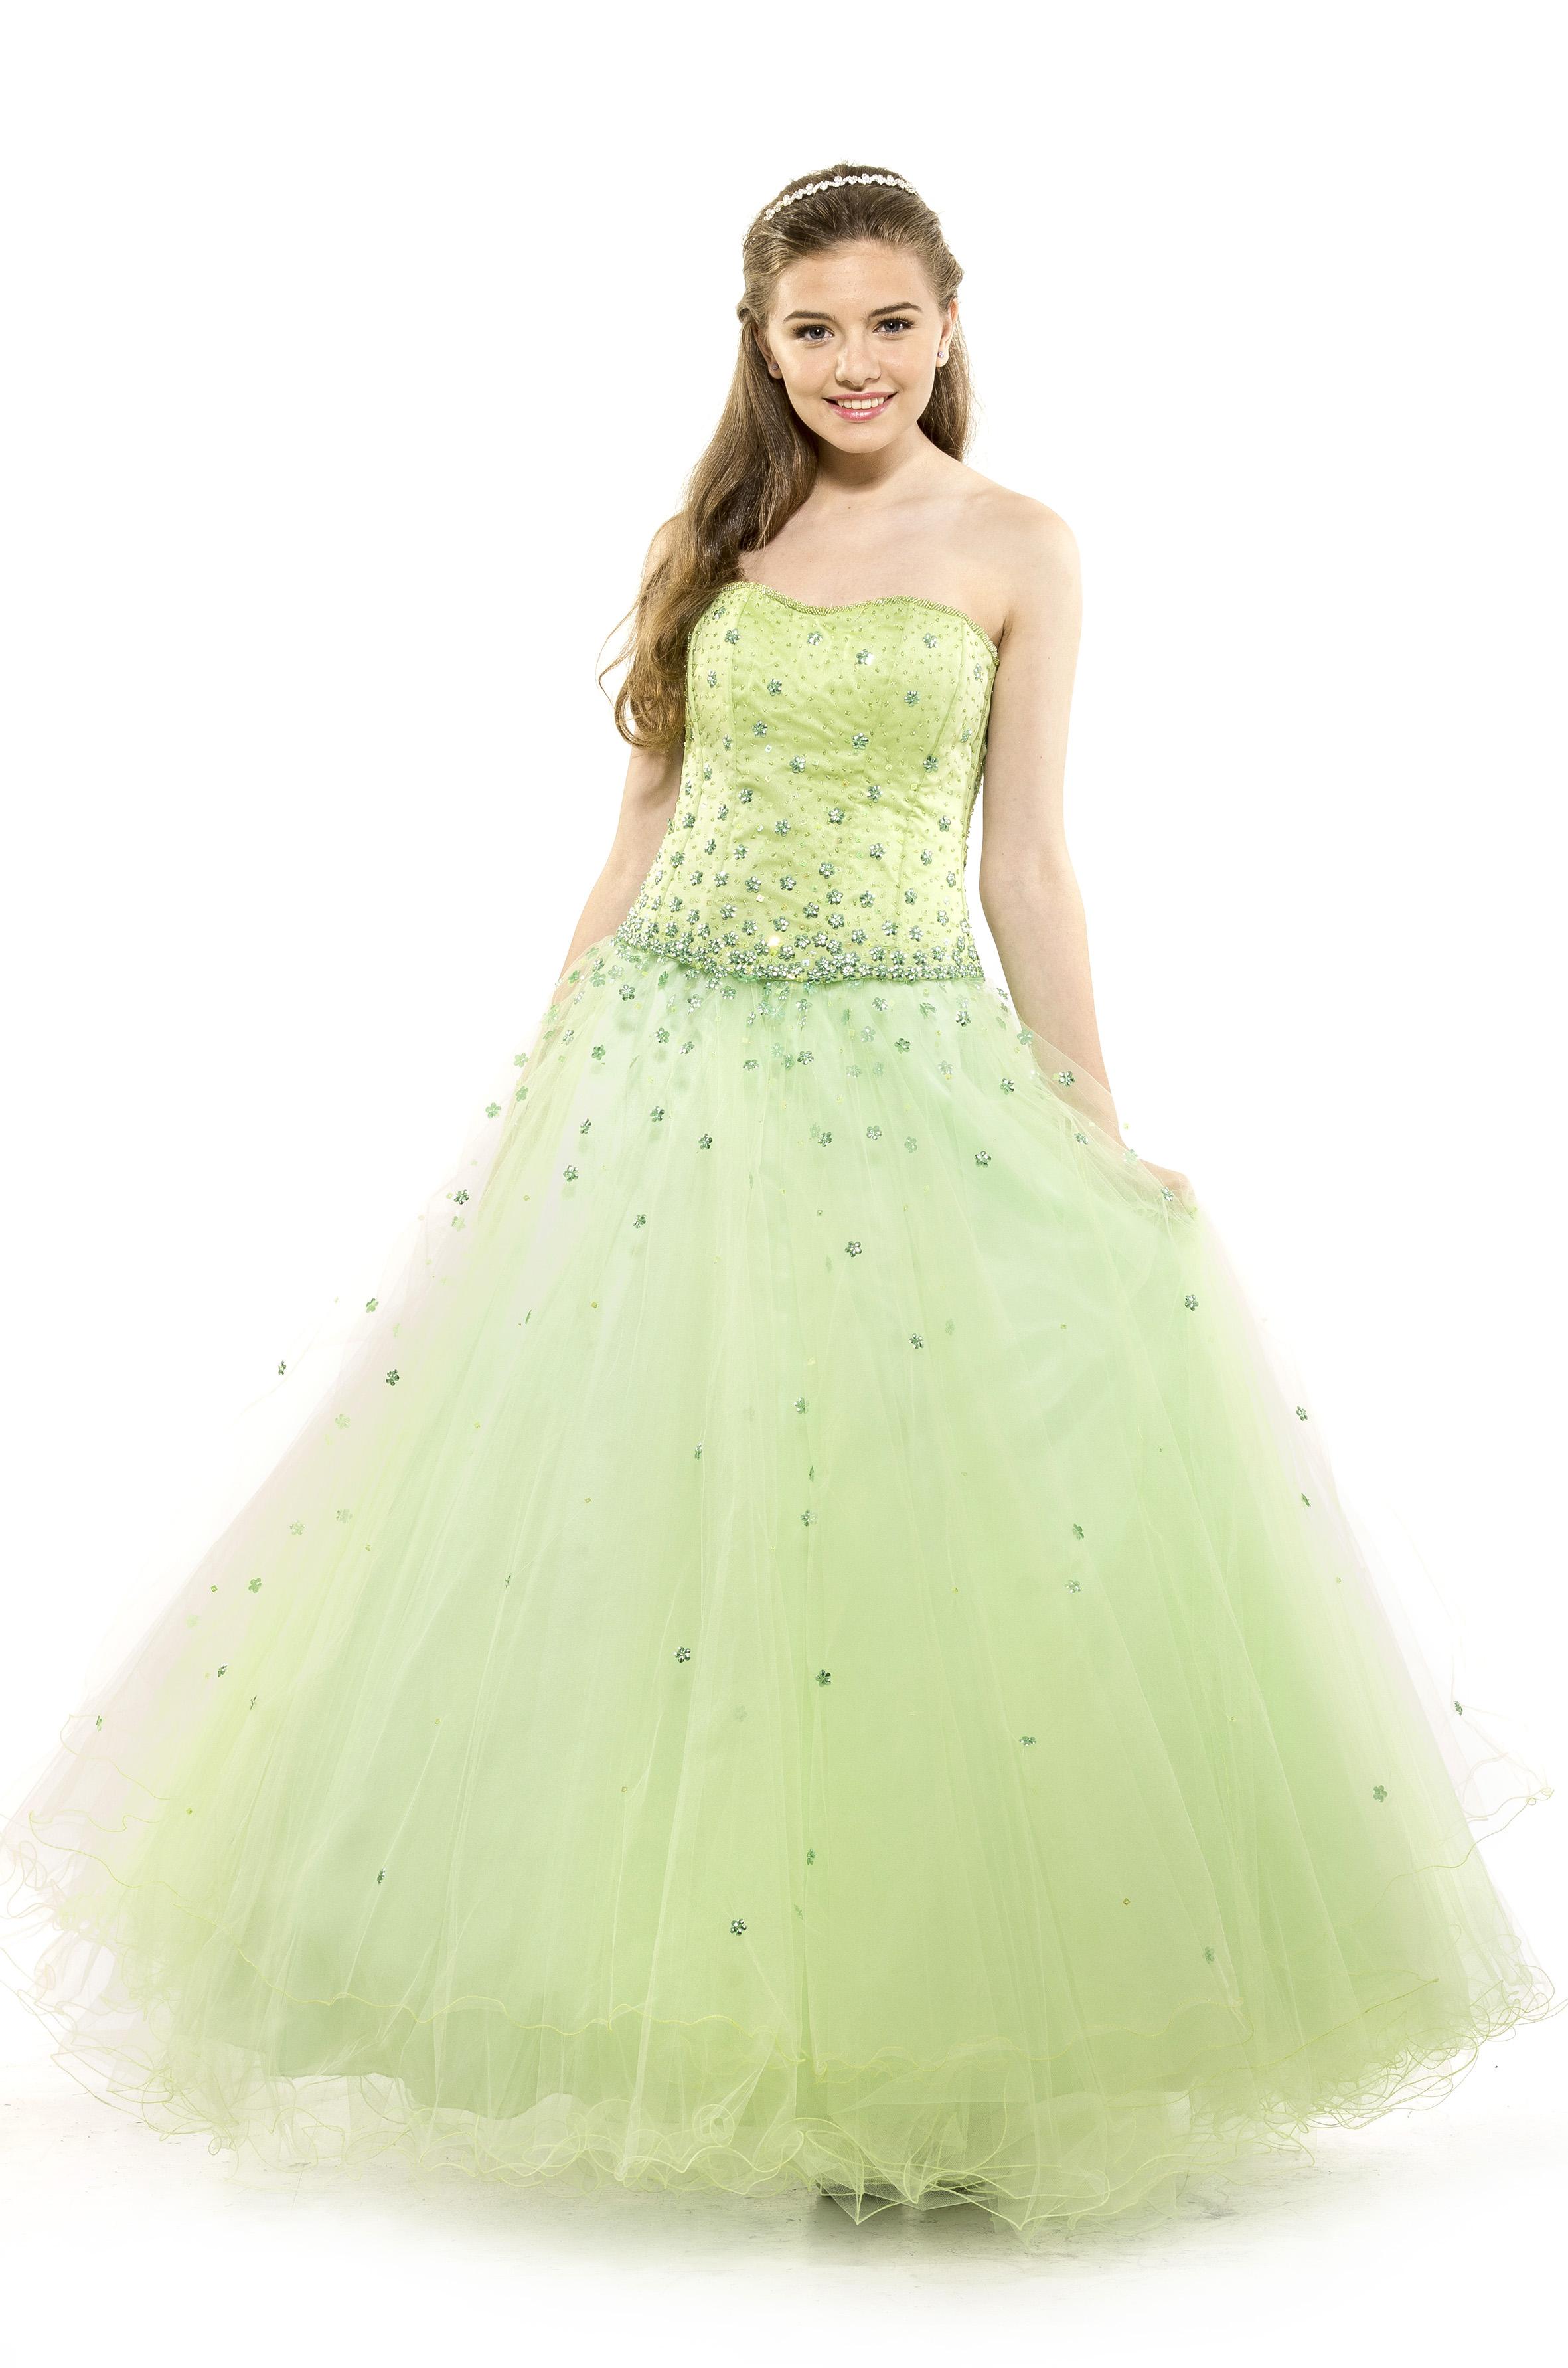 7035eca18 Vestido de 15 Años -Diseño Luz Flower - Diseño clásico y romántico de tul  americano bordado completamente a mano con cristal